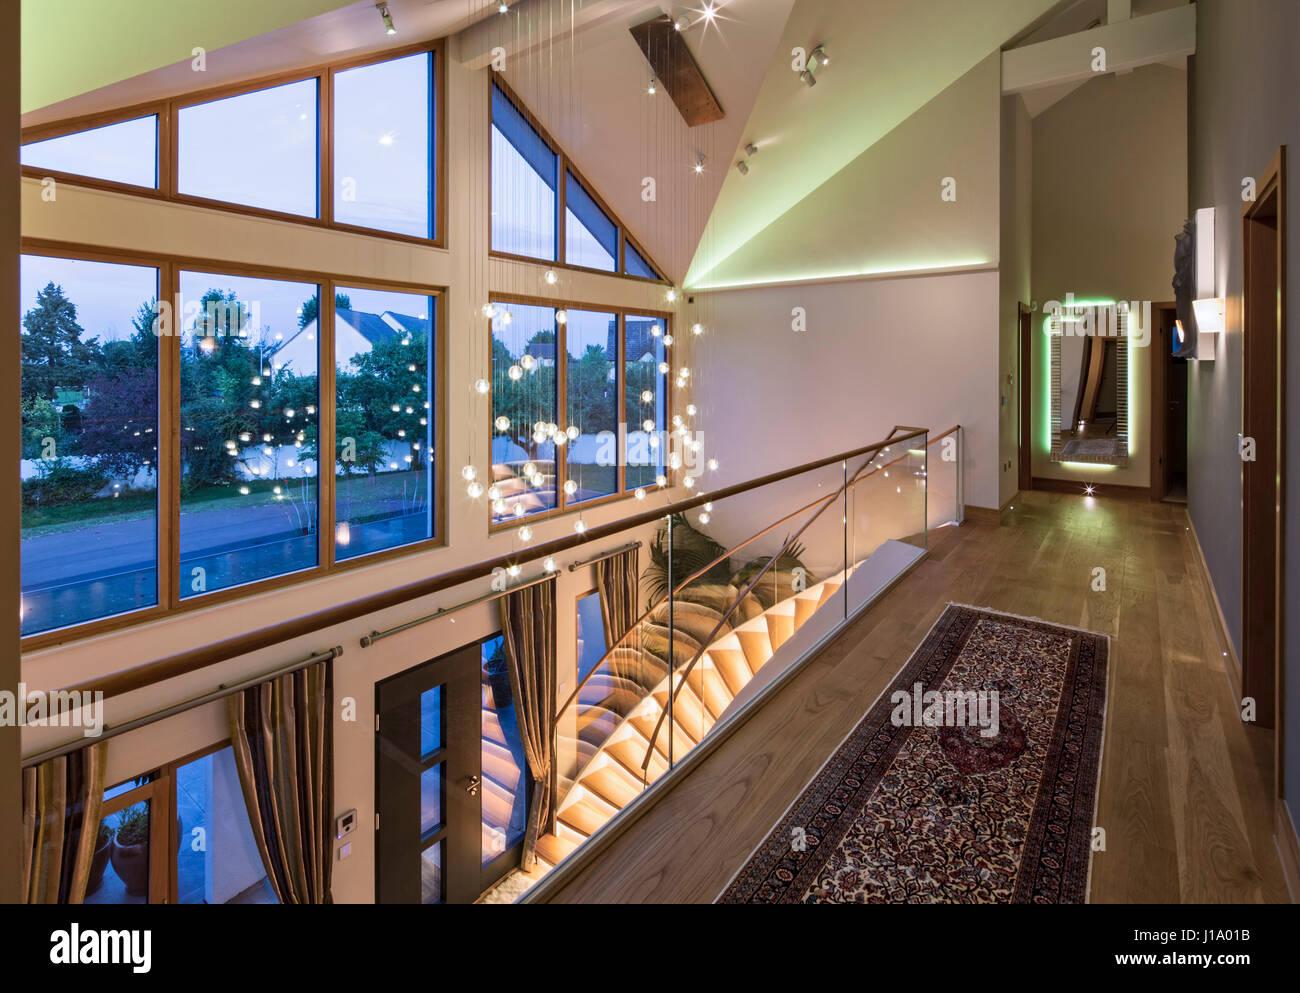 Illuminazione Ingresso Casa : Galleria in ingresso con funzione di illuminazione. weberhaus casa